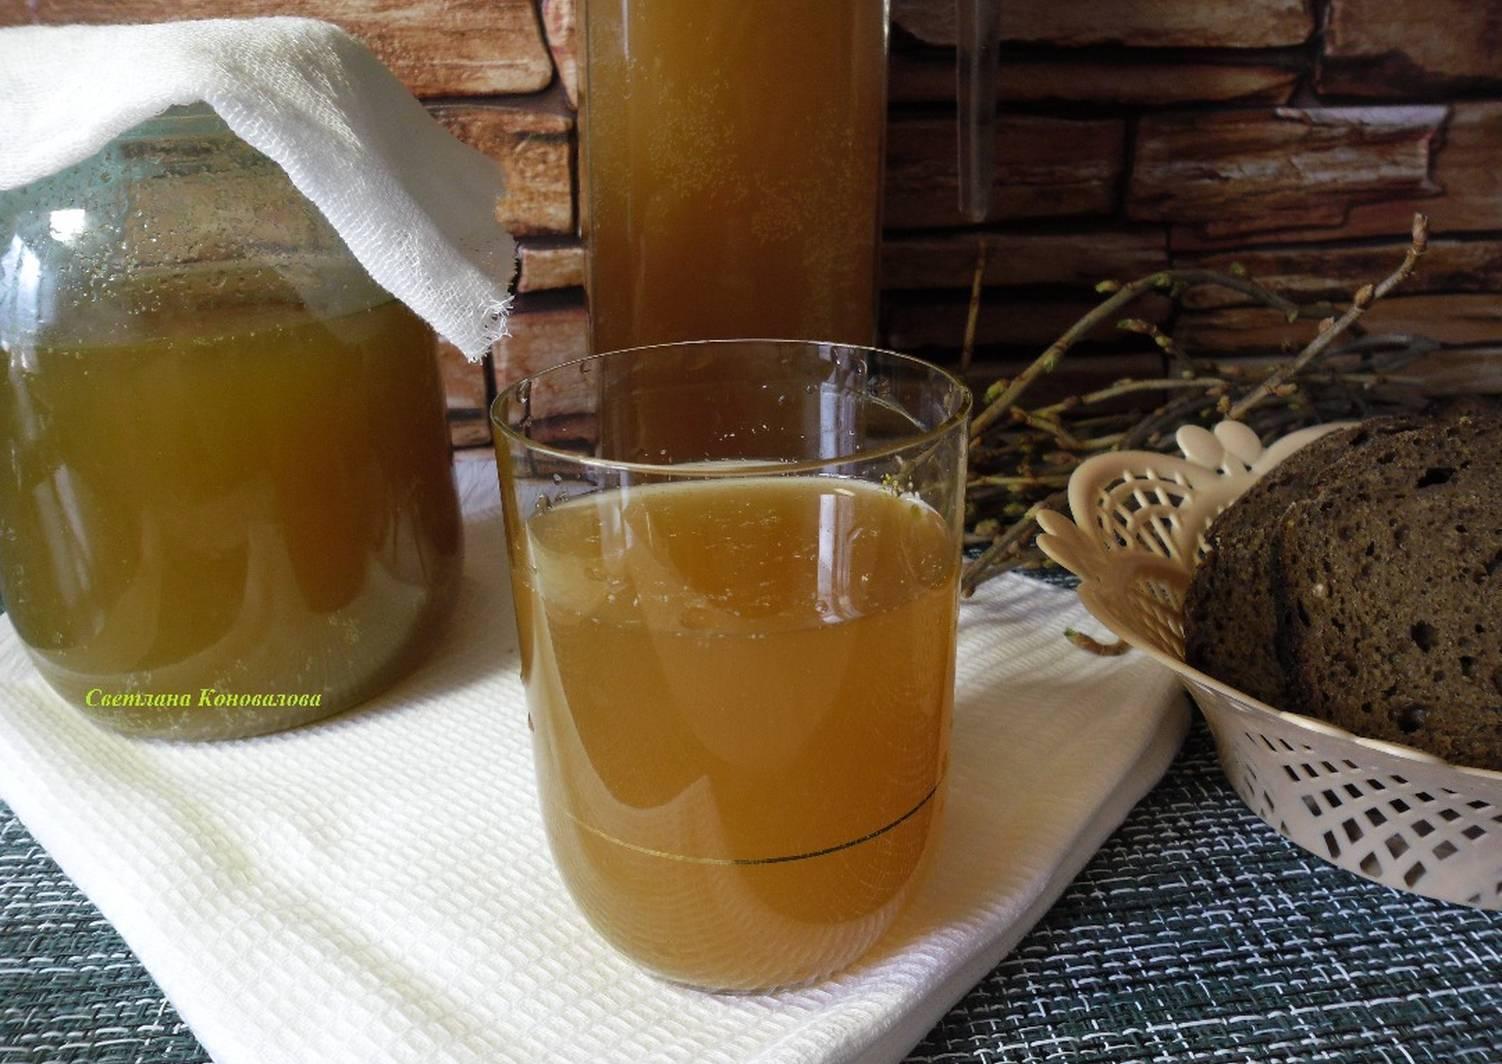 Как приготовить квас в домашних условиях - лучшие рецепты кваса ржаного, дрожжевого и на закваске – на бэби.ру!